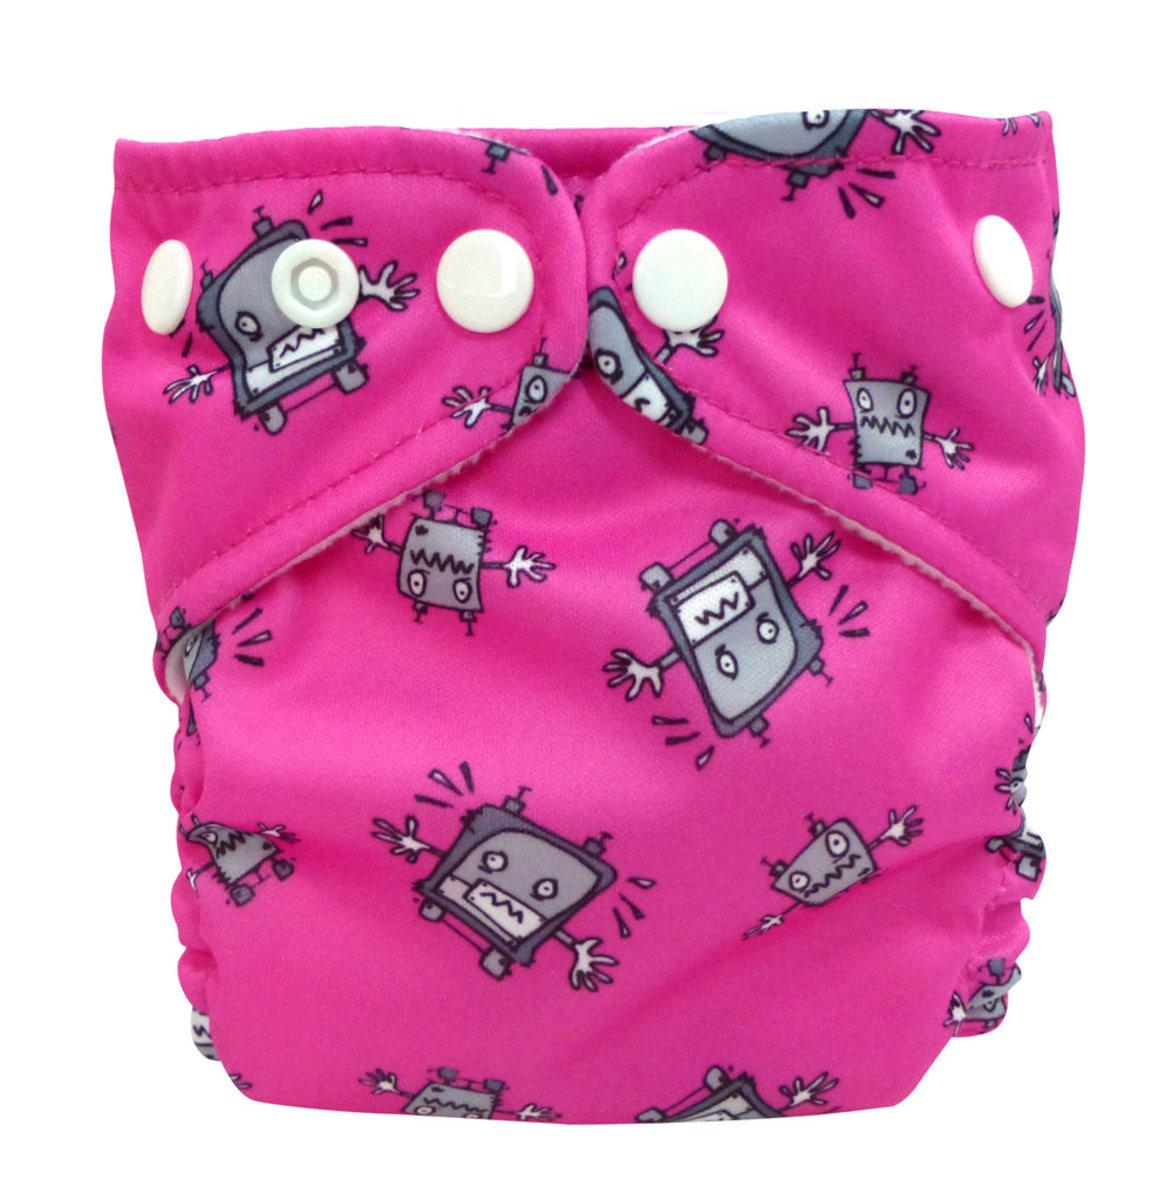 環保初生兒尿布 Robot Girl 附1塊片芯